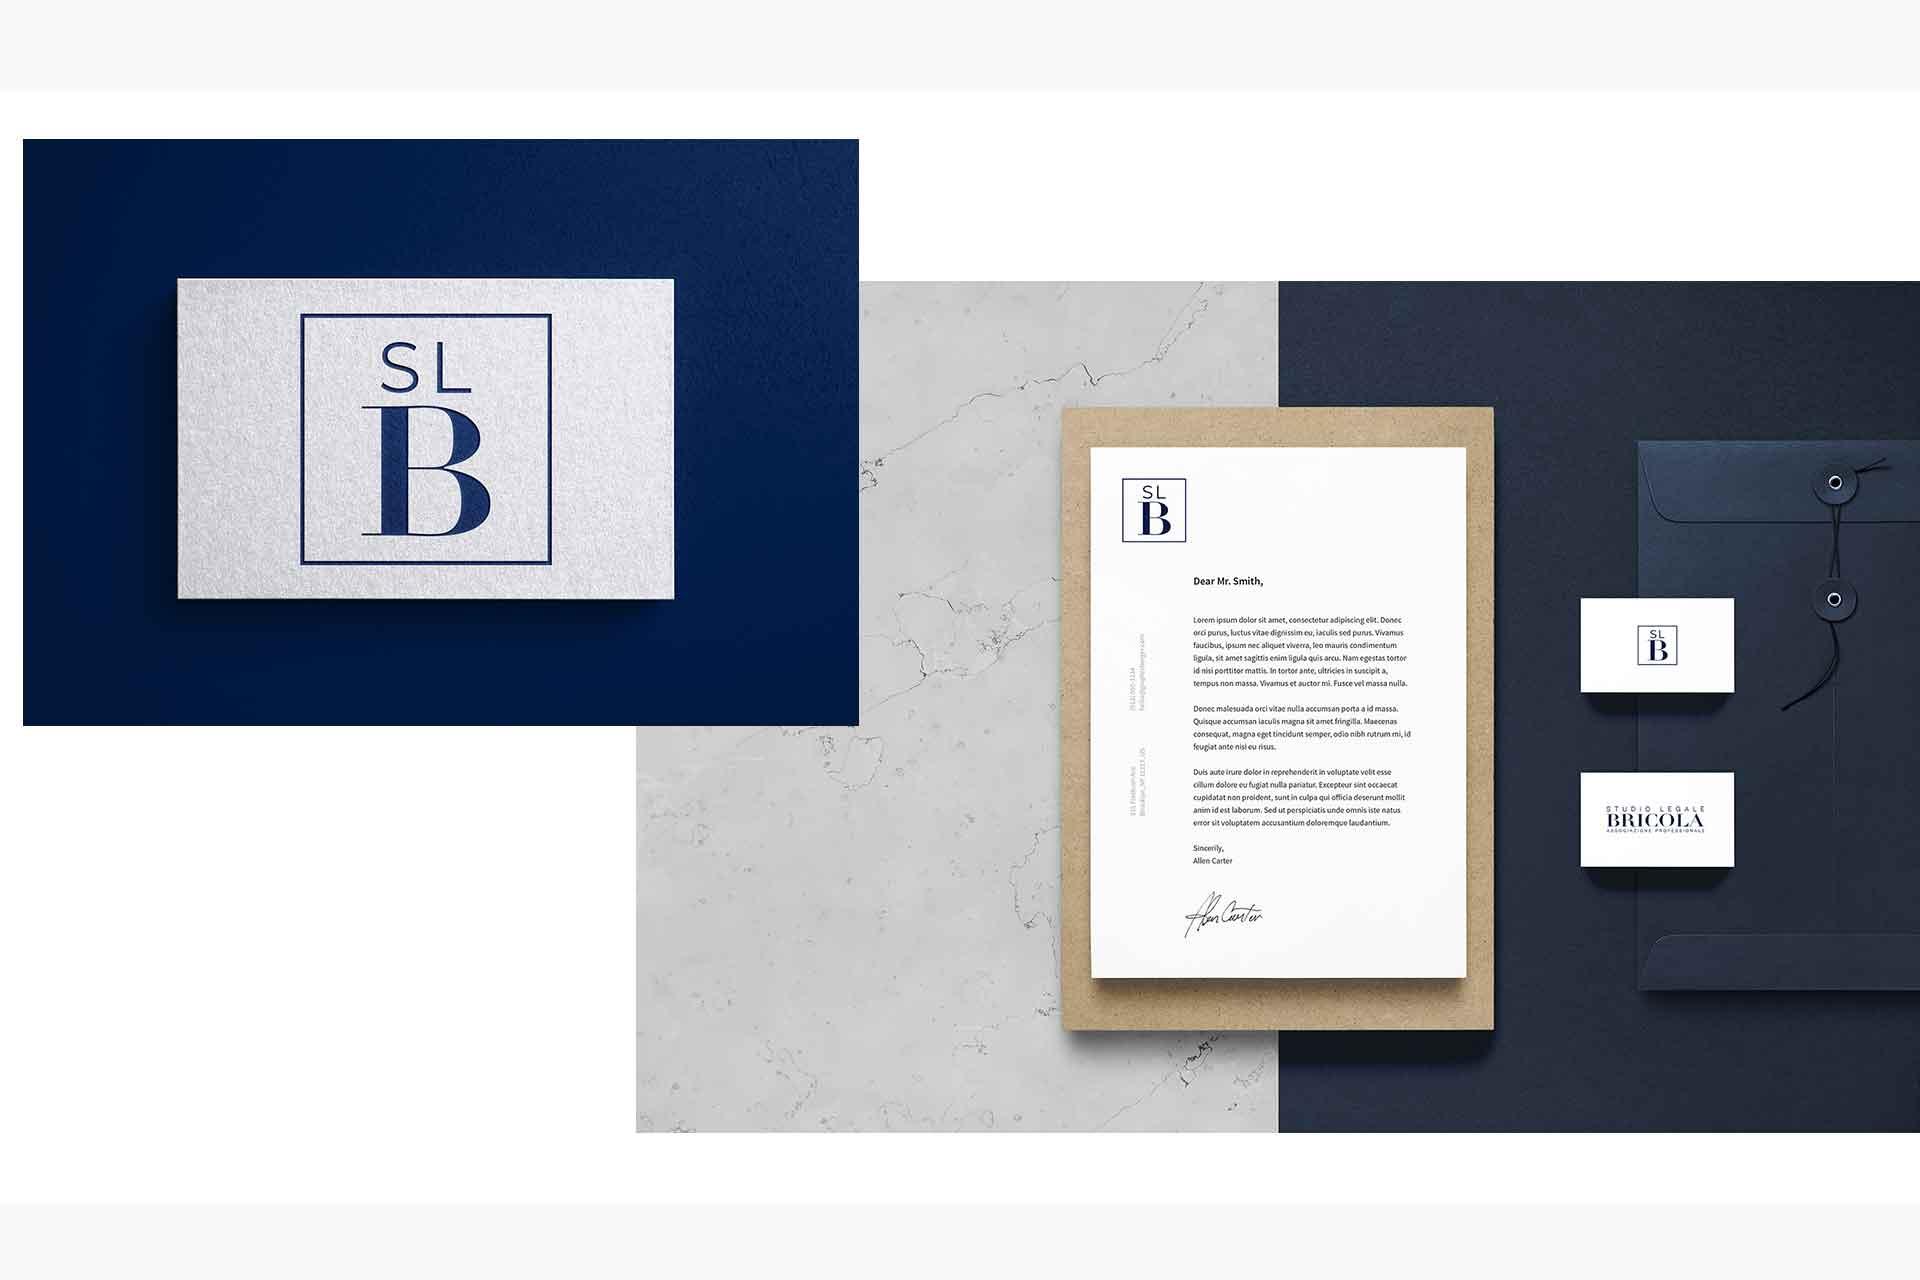 lv-design-realizzazione-siti-web-bologna-portfolio-grafica-studio-legale-bricola-slide-1